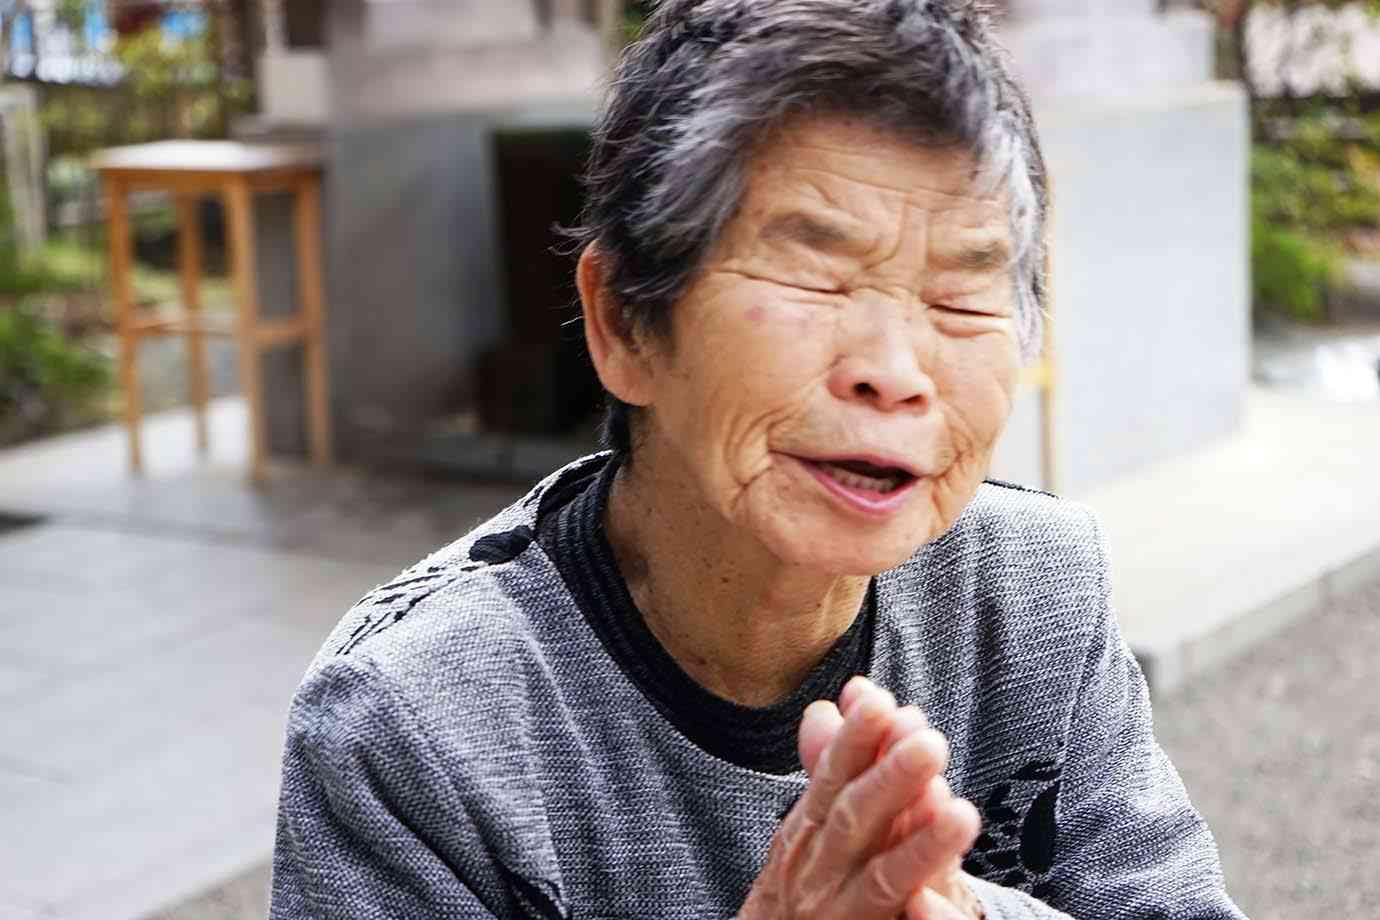 【激怒】日本ツイッター社が炎上! ネット知識ない老人をクレーム係で雇用か / 冷たい石床にひざまずいて客対応 | バズプラスニュース Buzz+